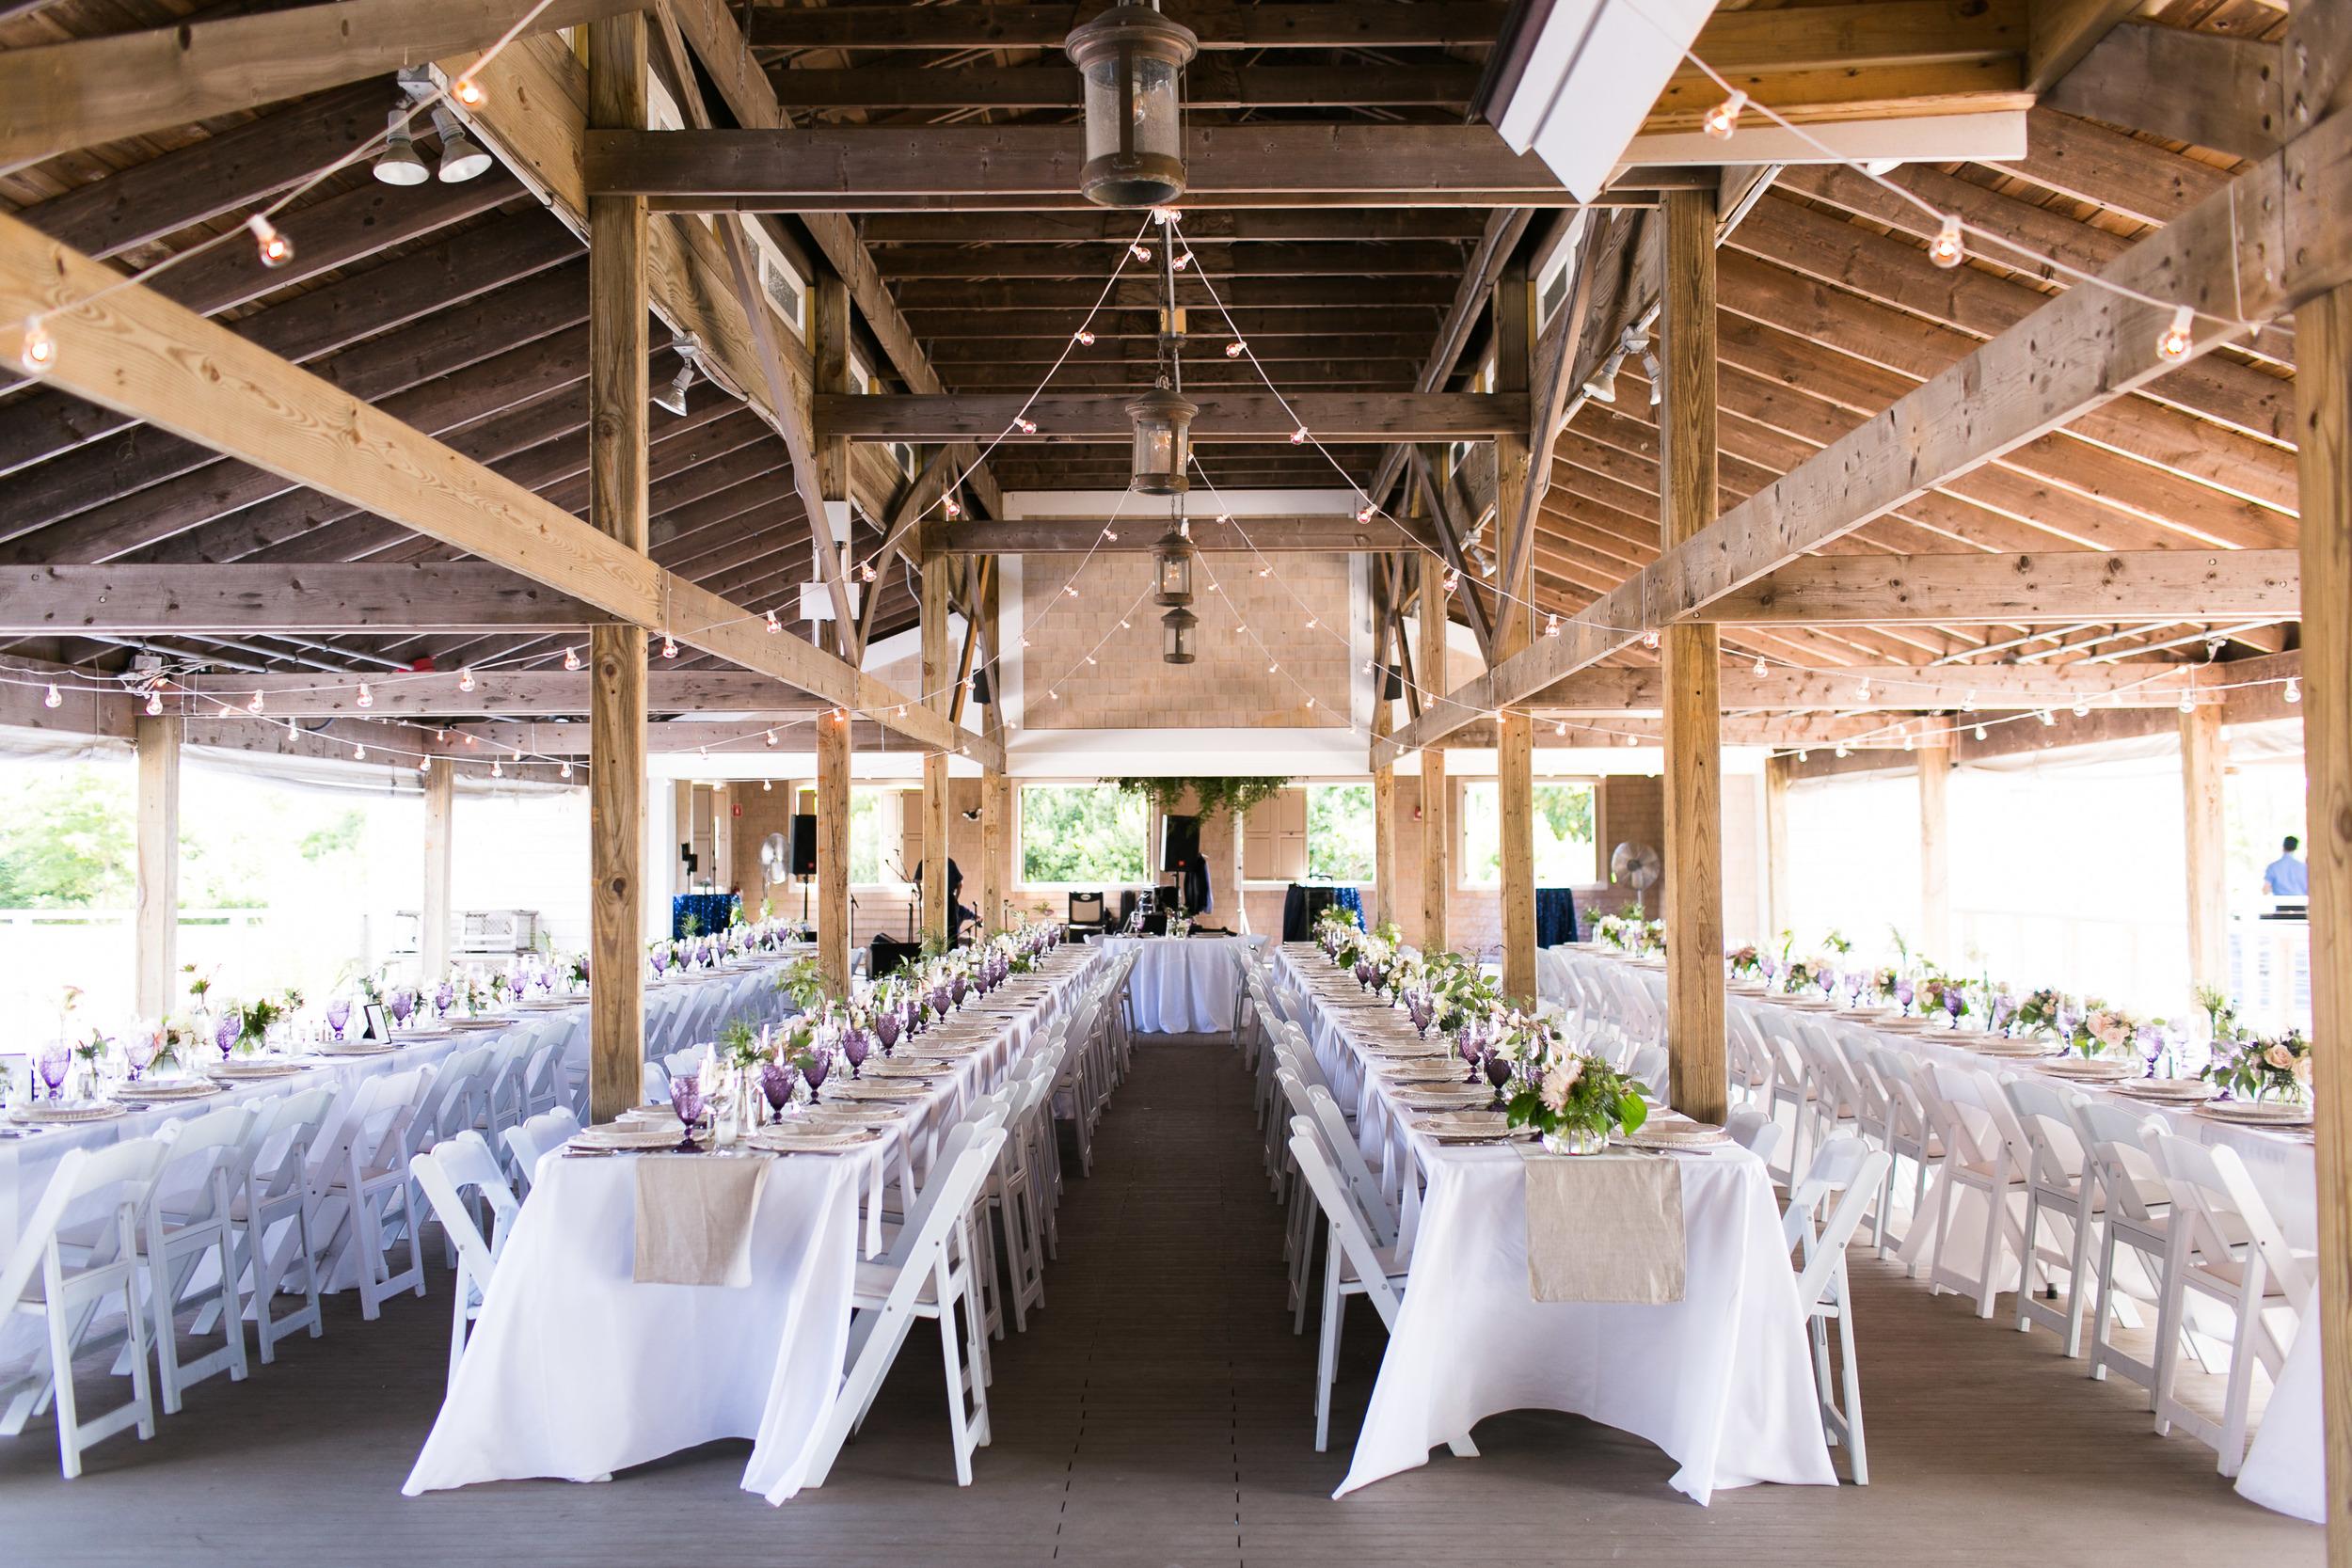 thompson-island-summer-wedding-reception